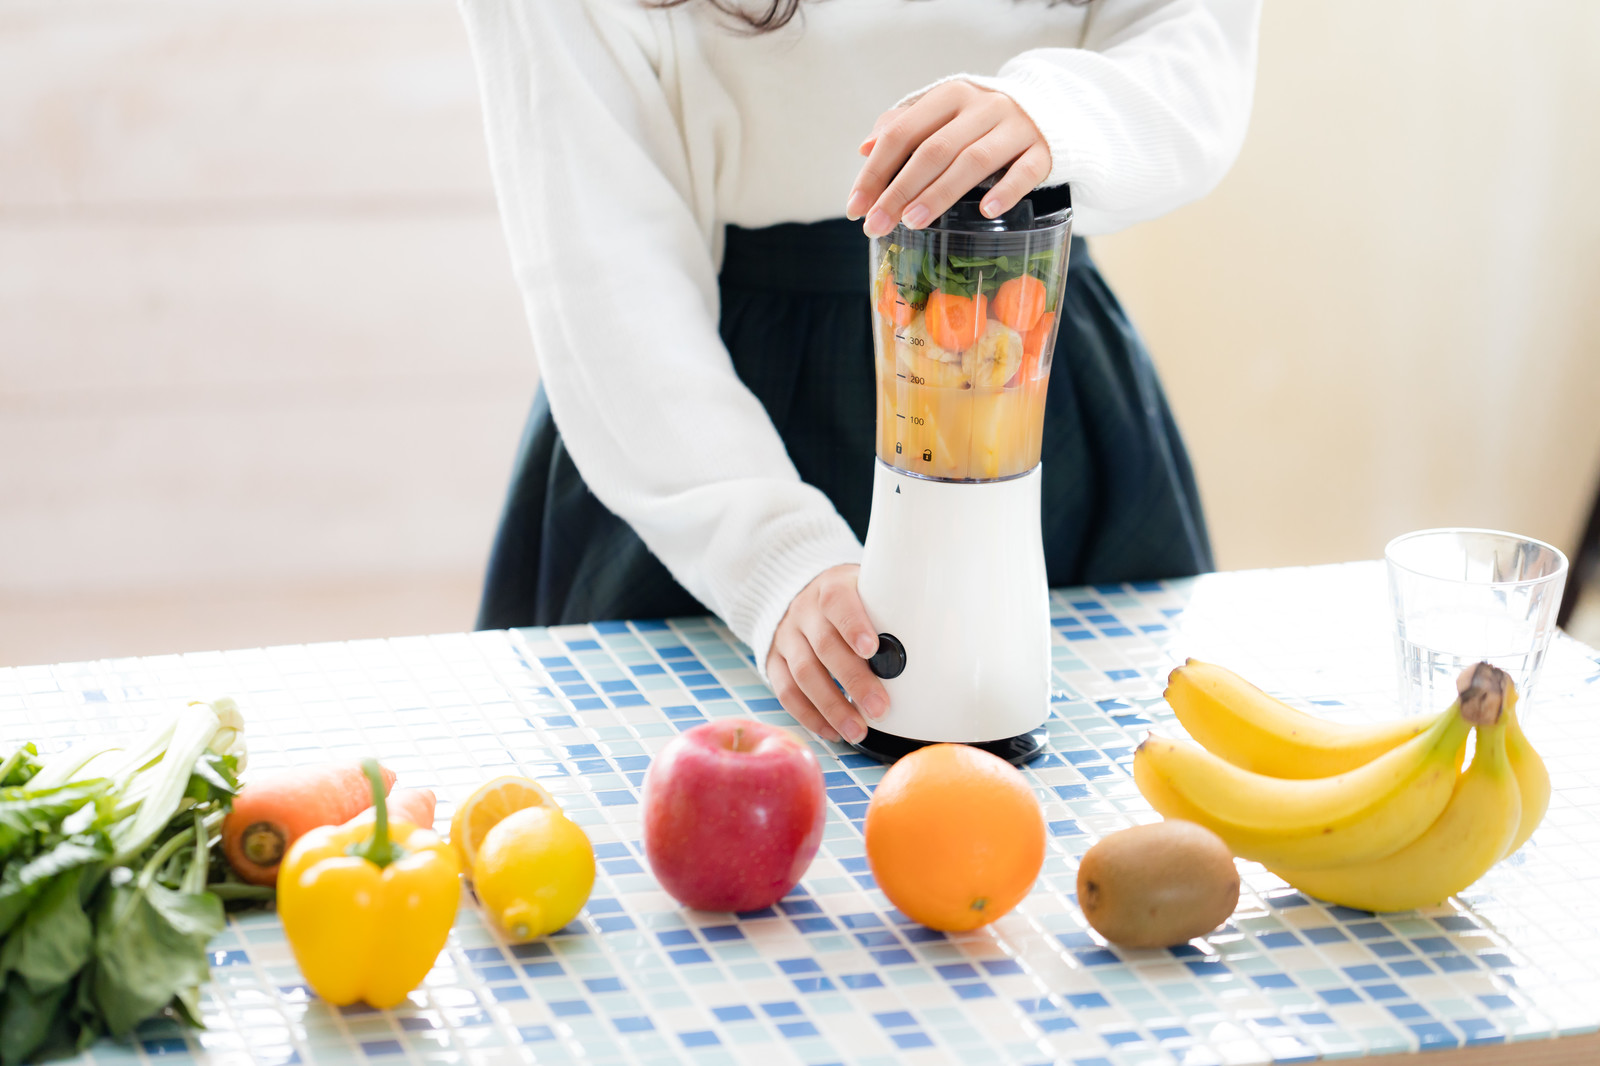 「果物などをジューサーにかける様子果物などをジューサーにかける様子」のフリー写真素材を拡大